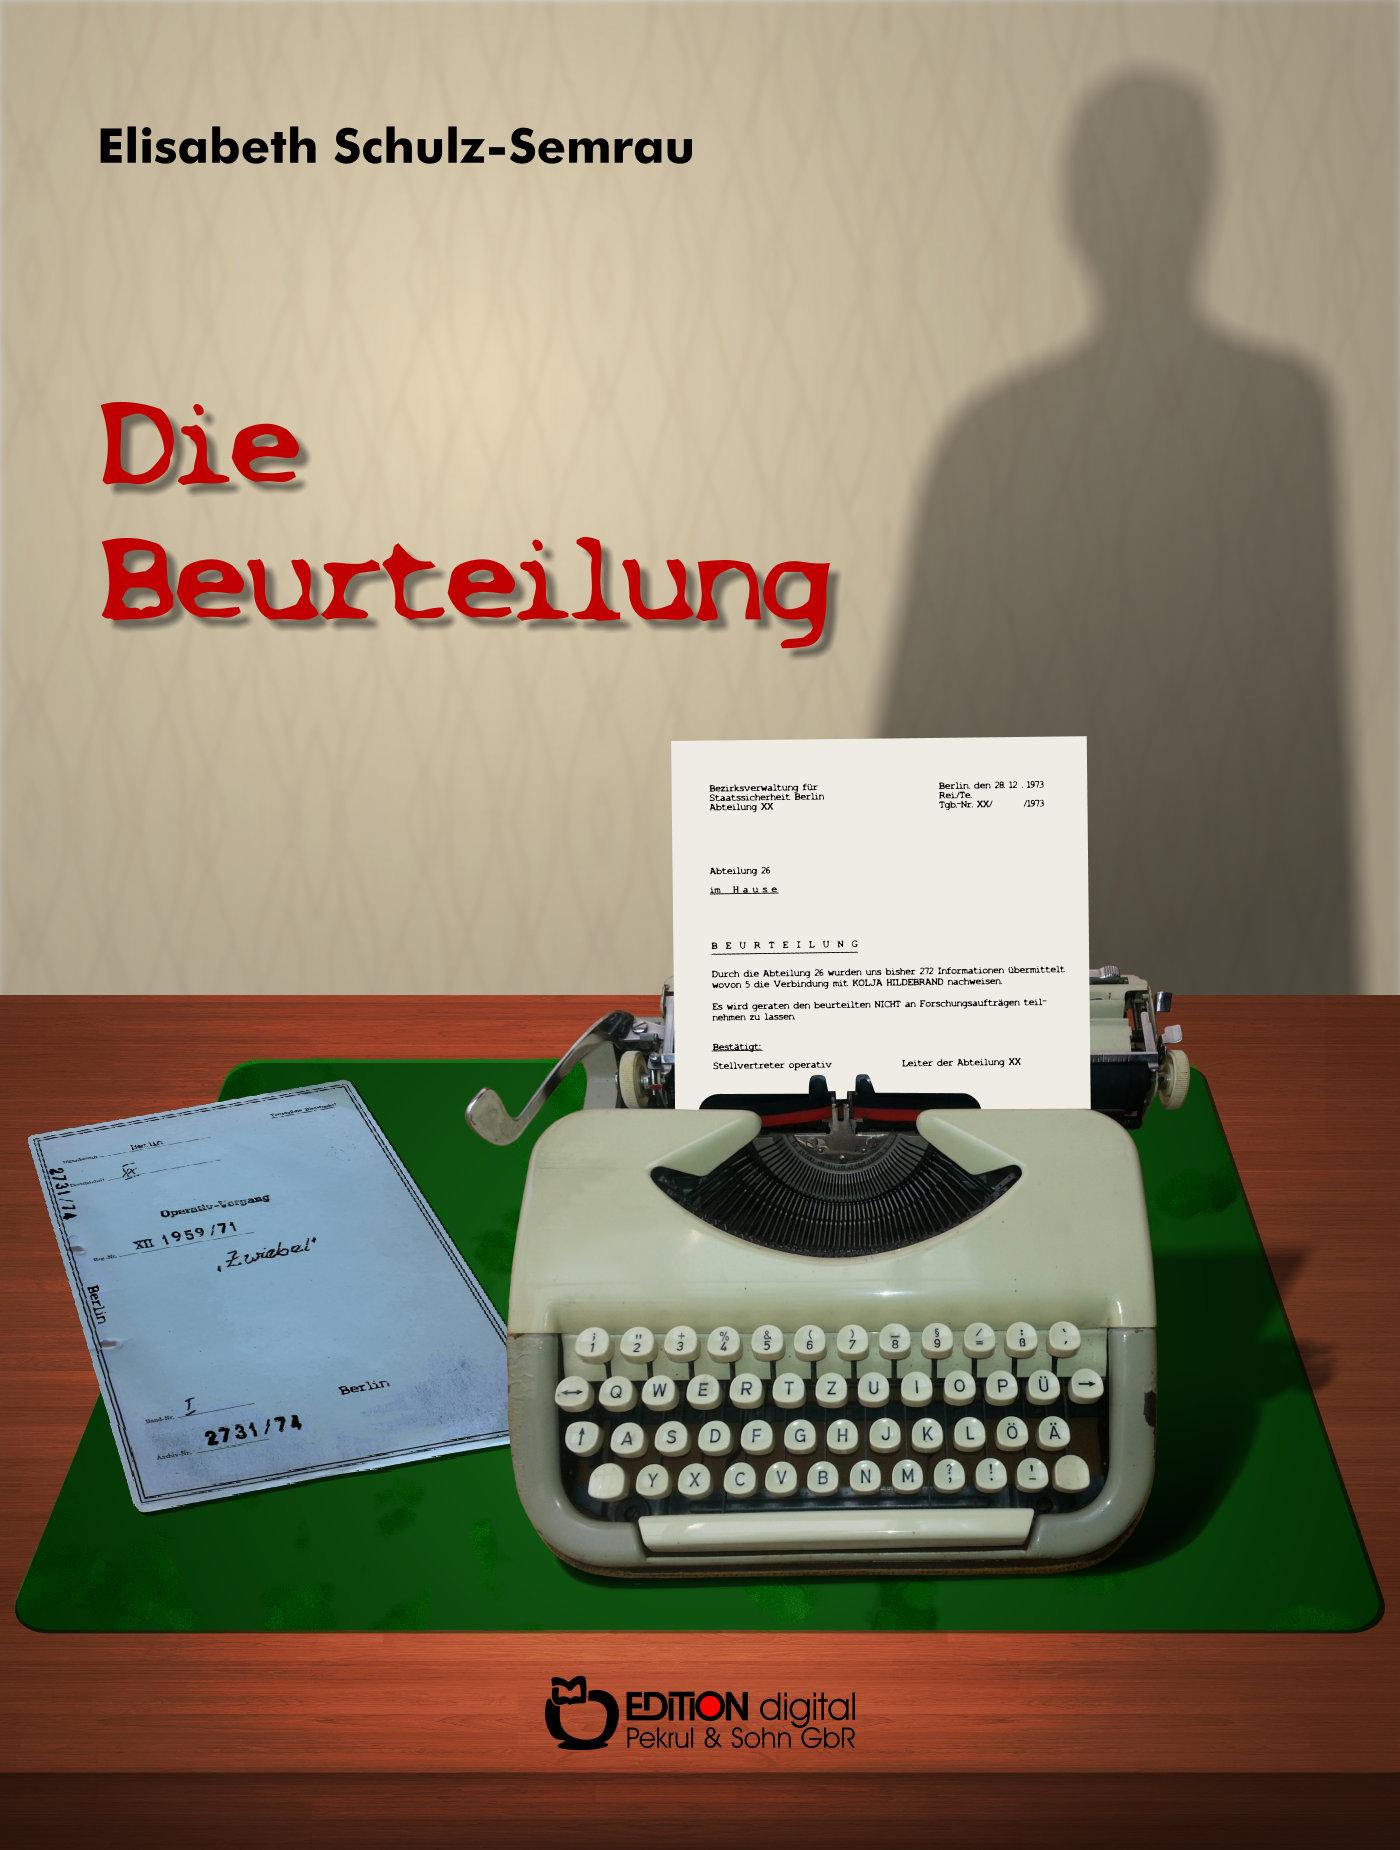 Die Beurteilung von Elisabeth Schulz-Semrau